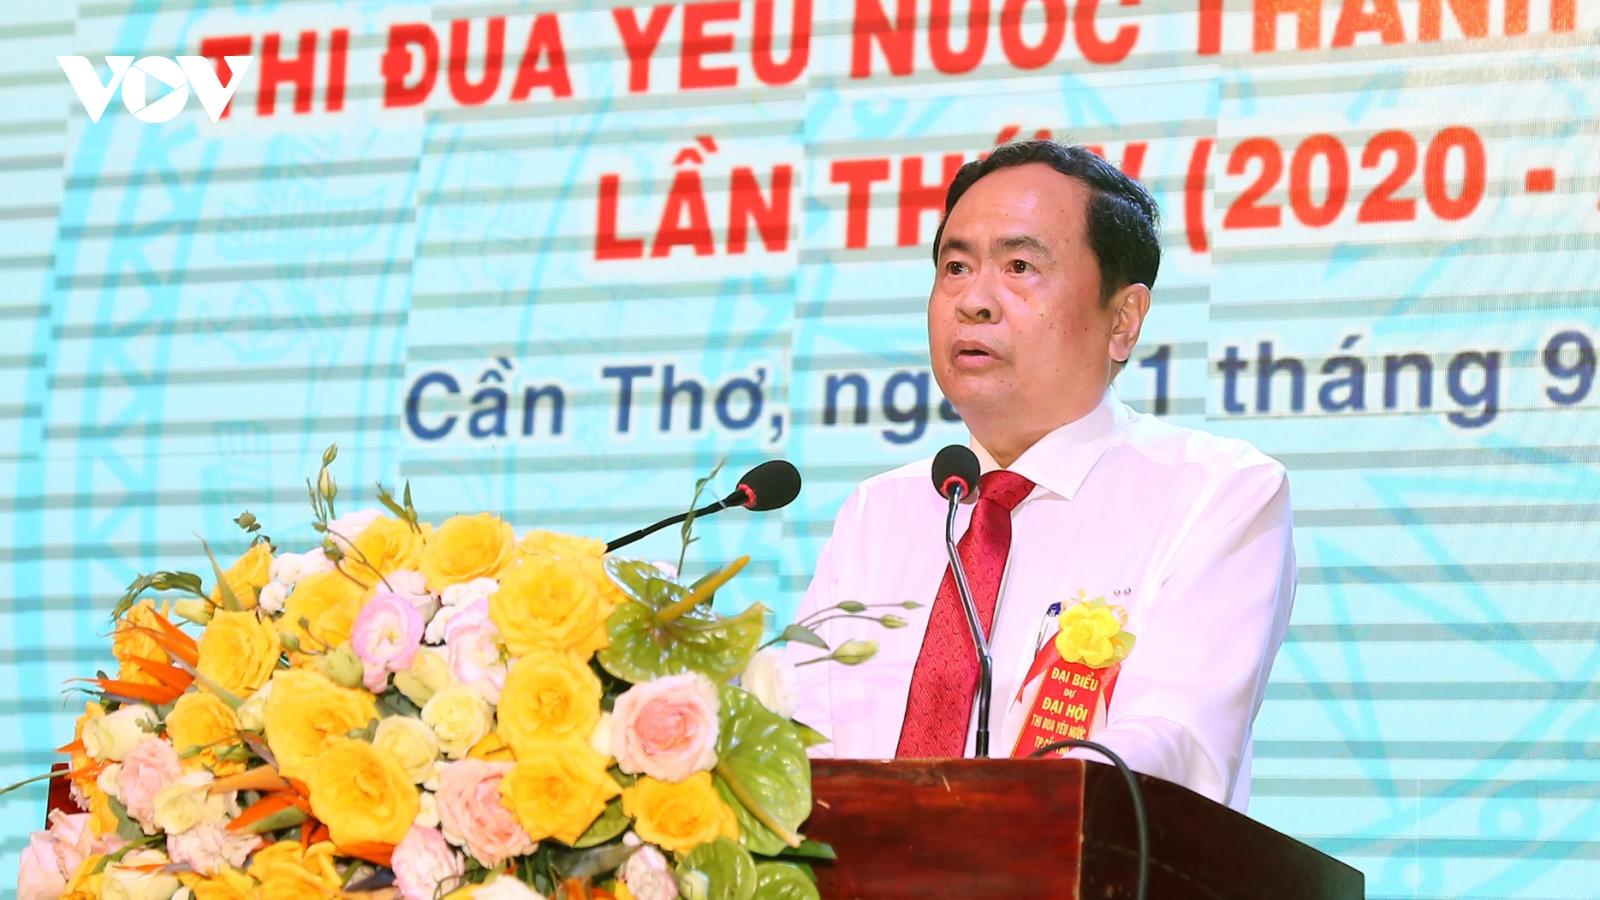 Chủ tịch MTTQ Việt Nam dự Đại hội thi đua yêu nước TP Cần Thơ